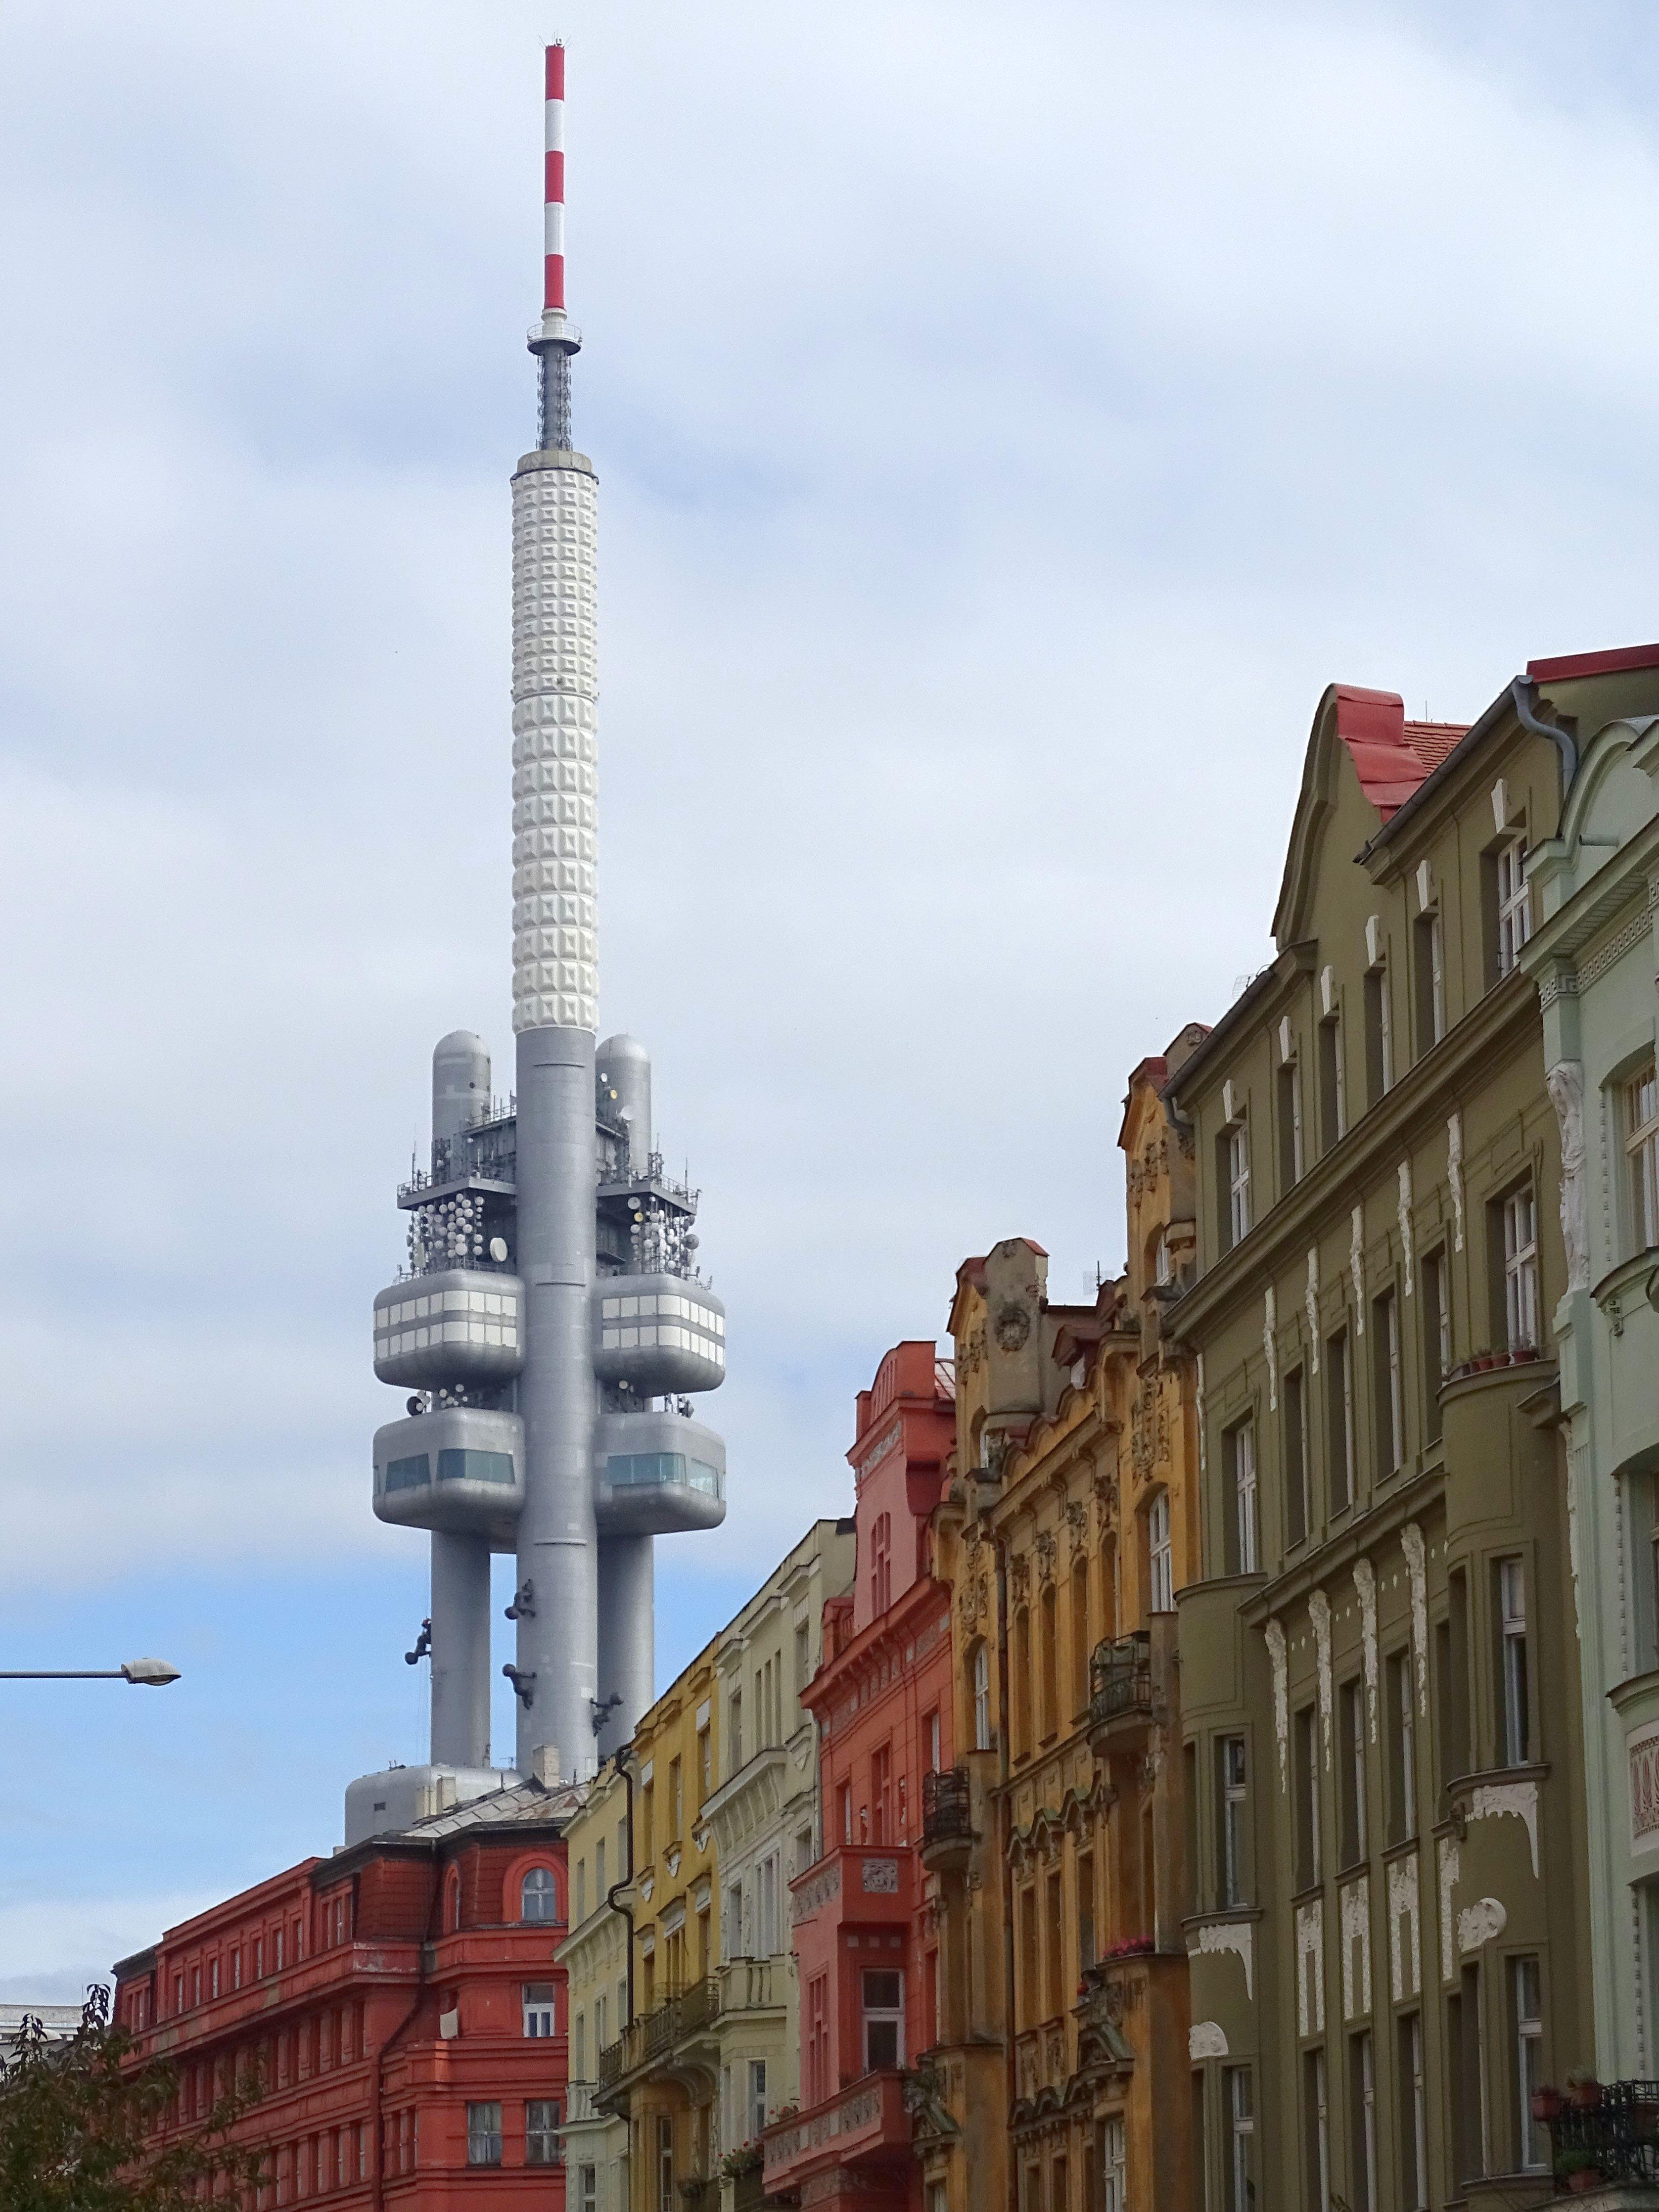 2009 zum zweithässlichsten Gebäude der Welt gekürt: Der Prager Fernsehturm.